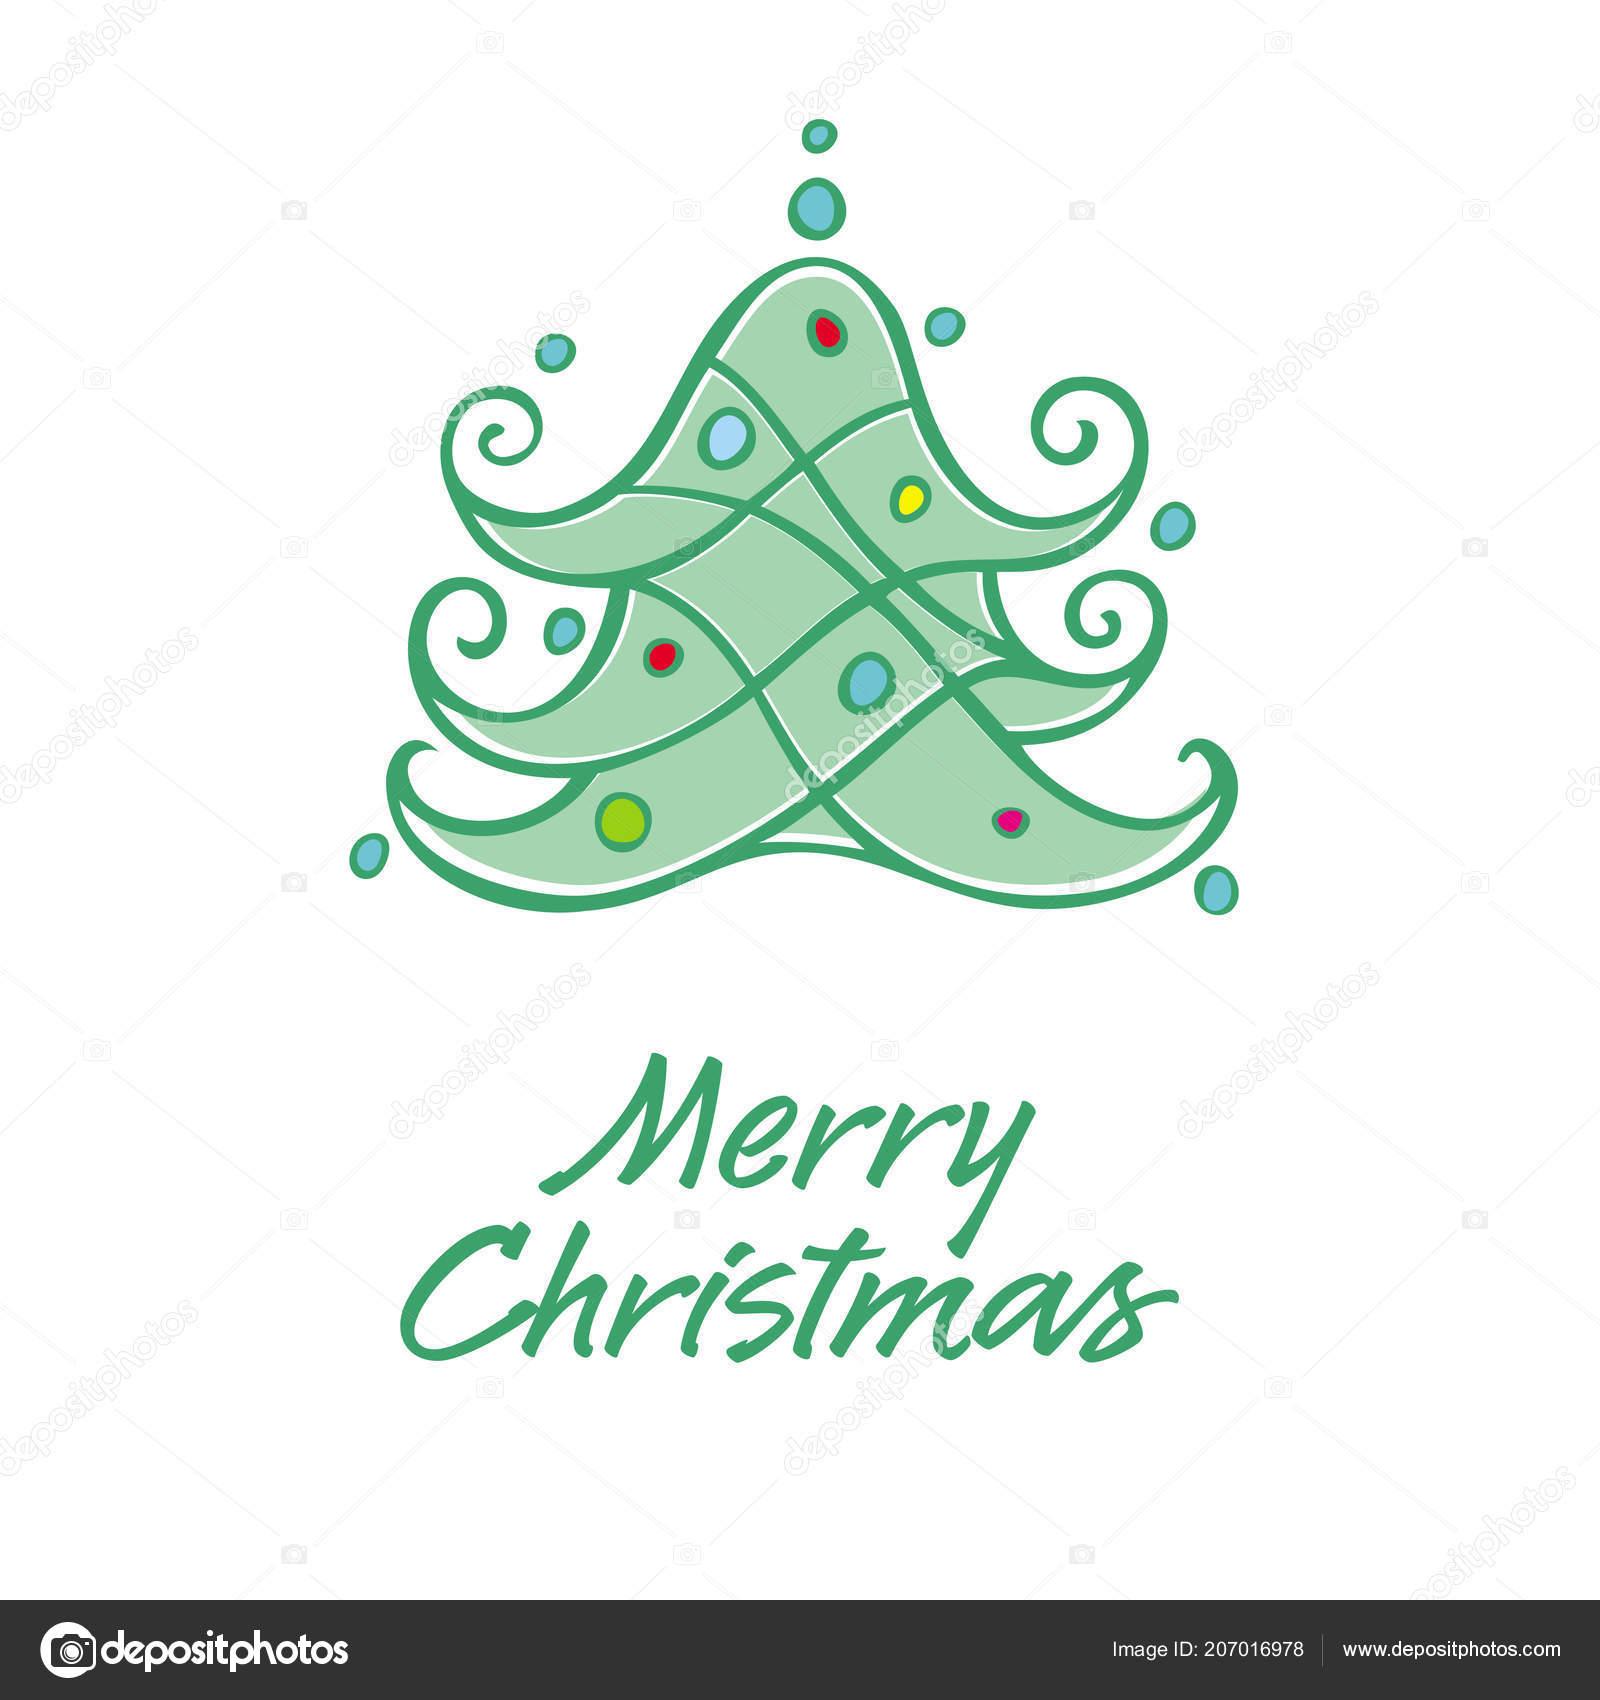 Merry Christmas Card Scalable Editable Vector Illustration Eps ...